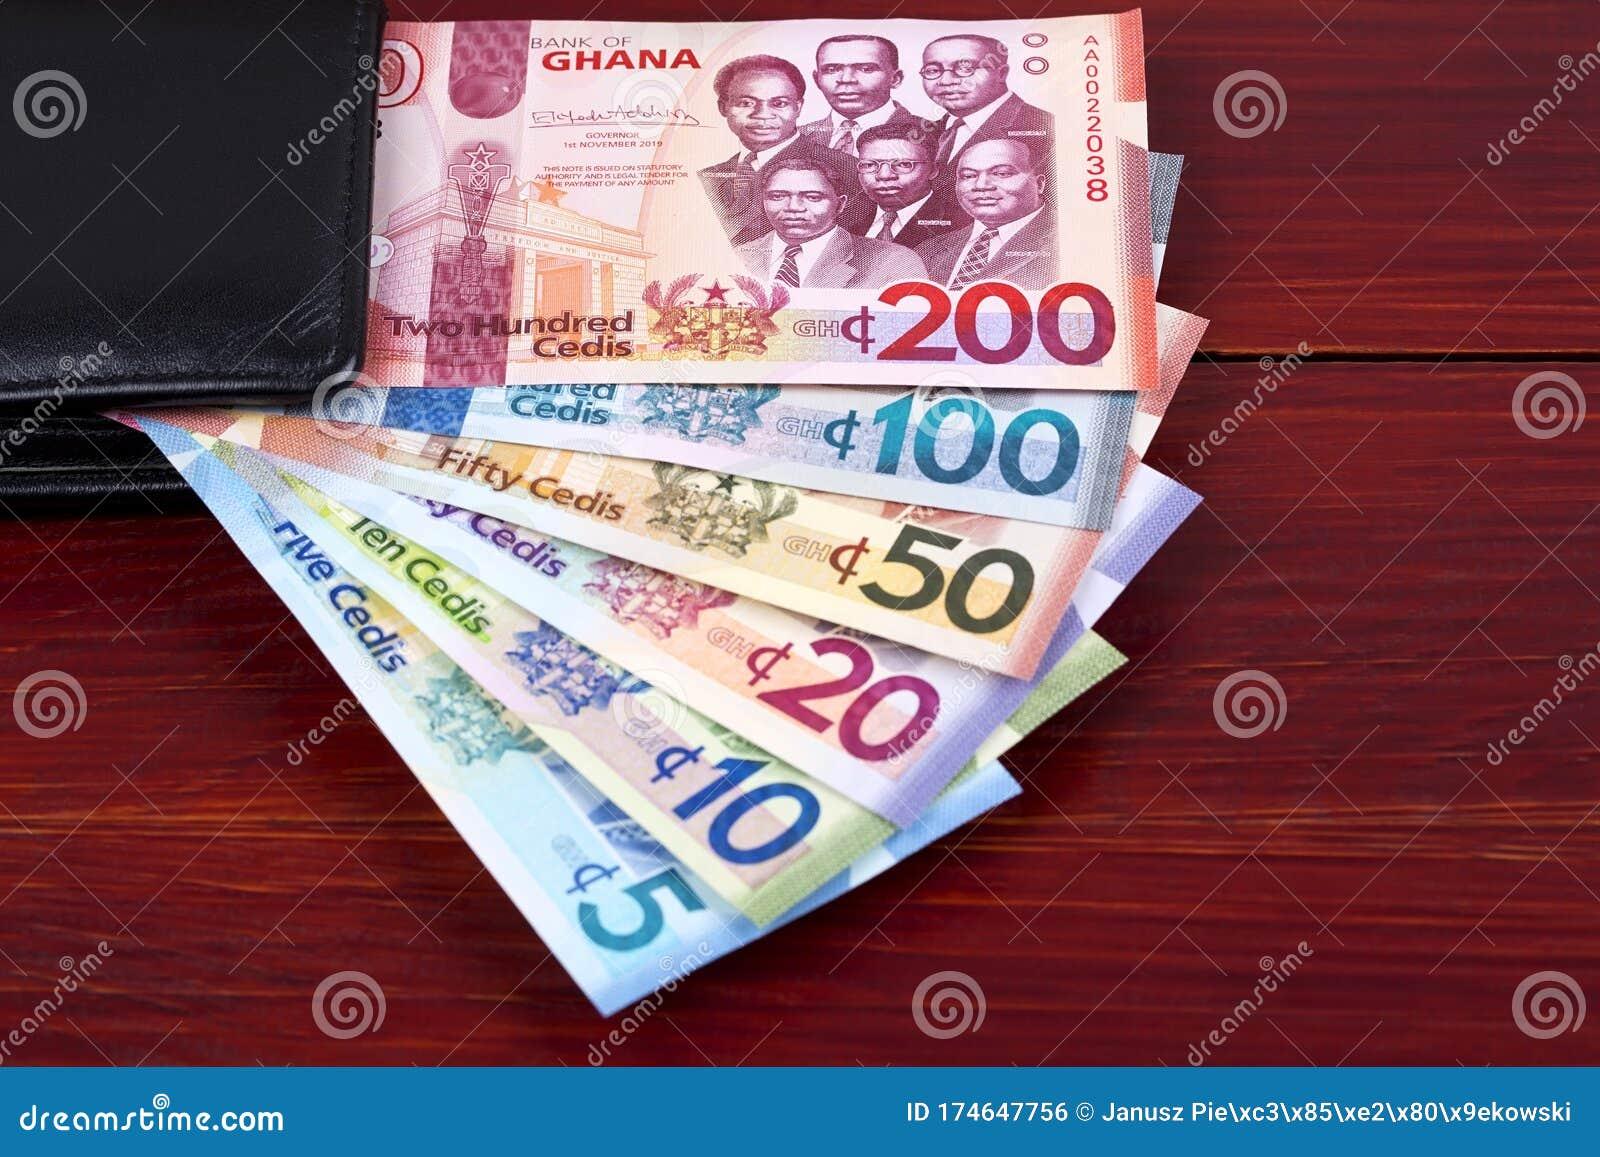 Wie verkaufen Sie Bitcoin fur Bargeld in Ghana?